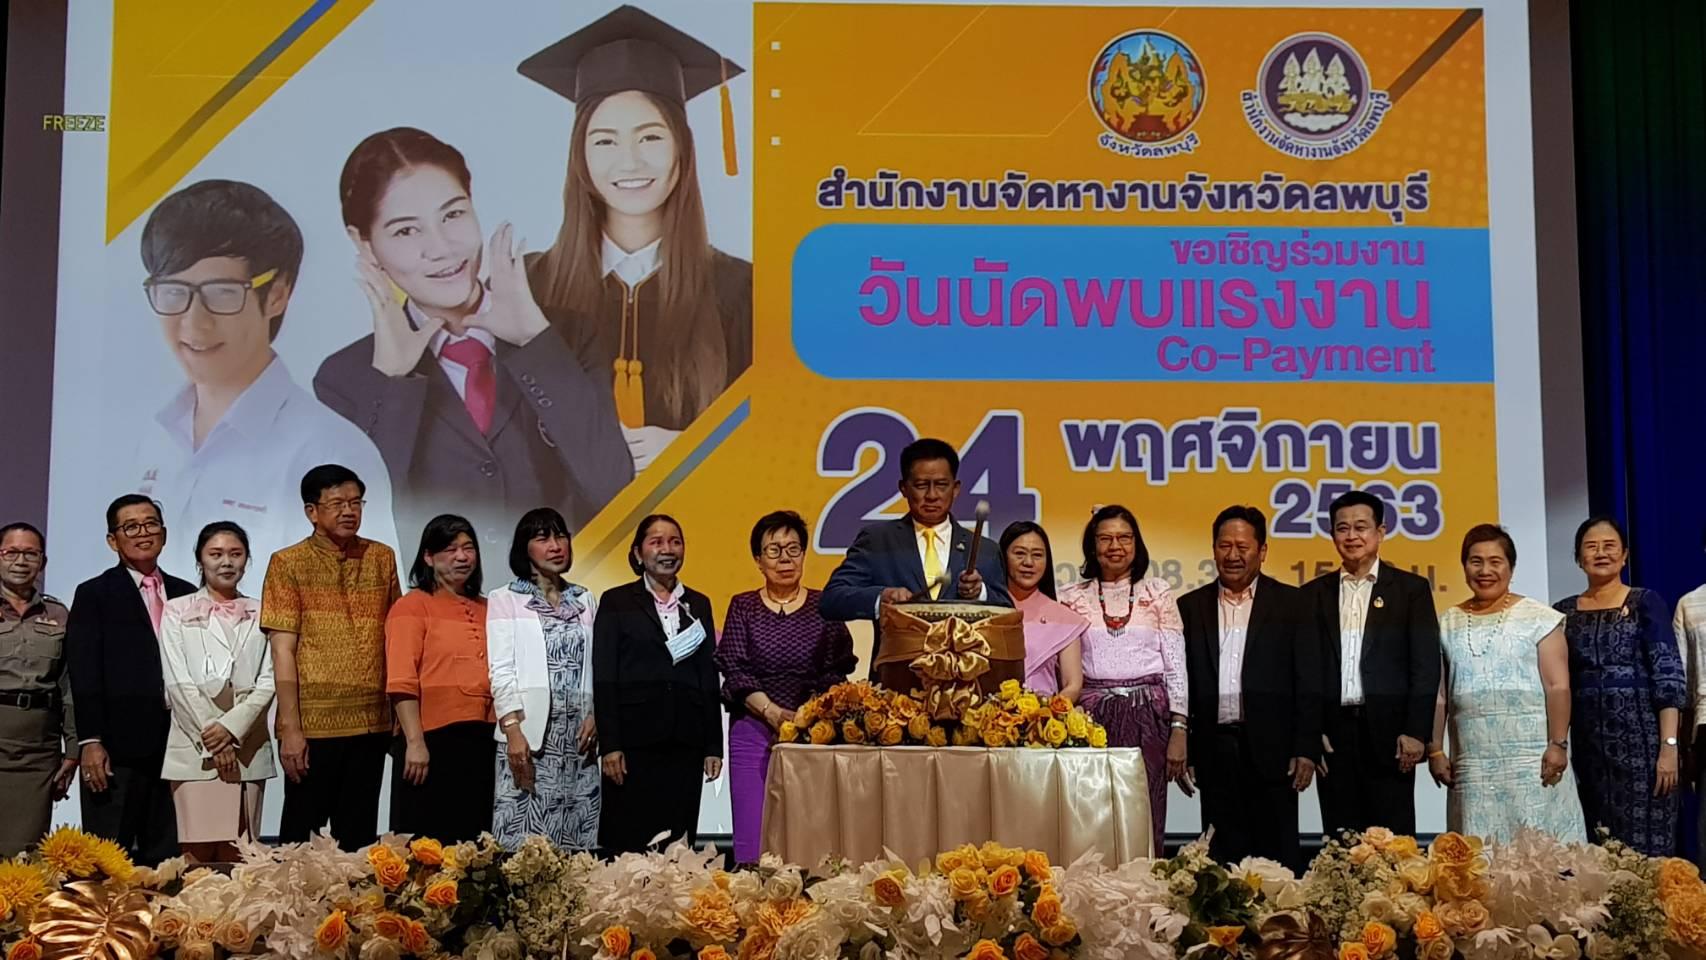 จังหวัดลพบุรี จัดงานนัดพบแรงงาน Co-Payment